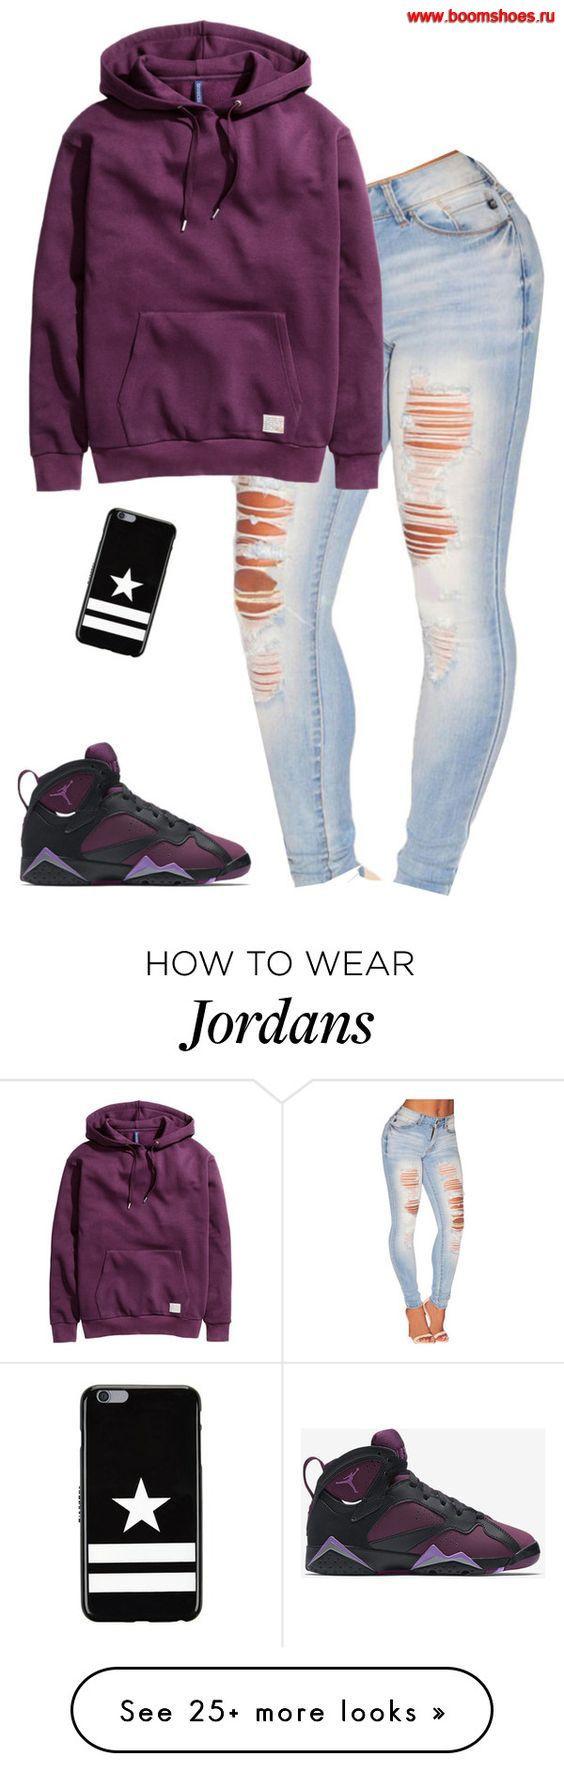 How to wear Jordan